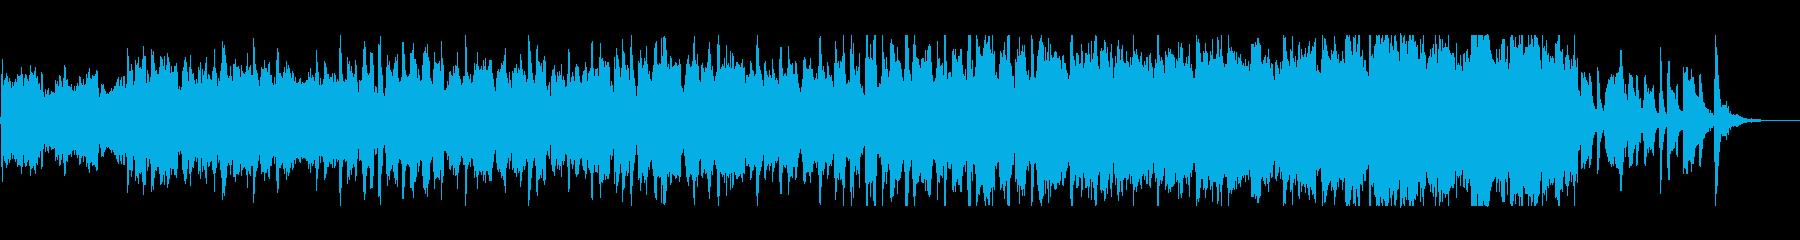 和風で日本的なオーケストラジングルの再生済みの波形